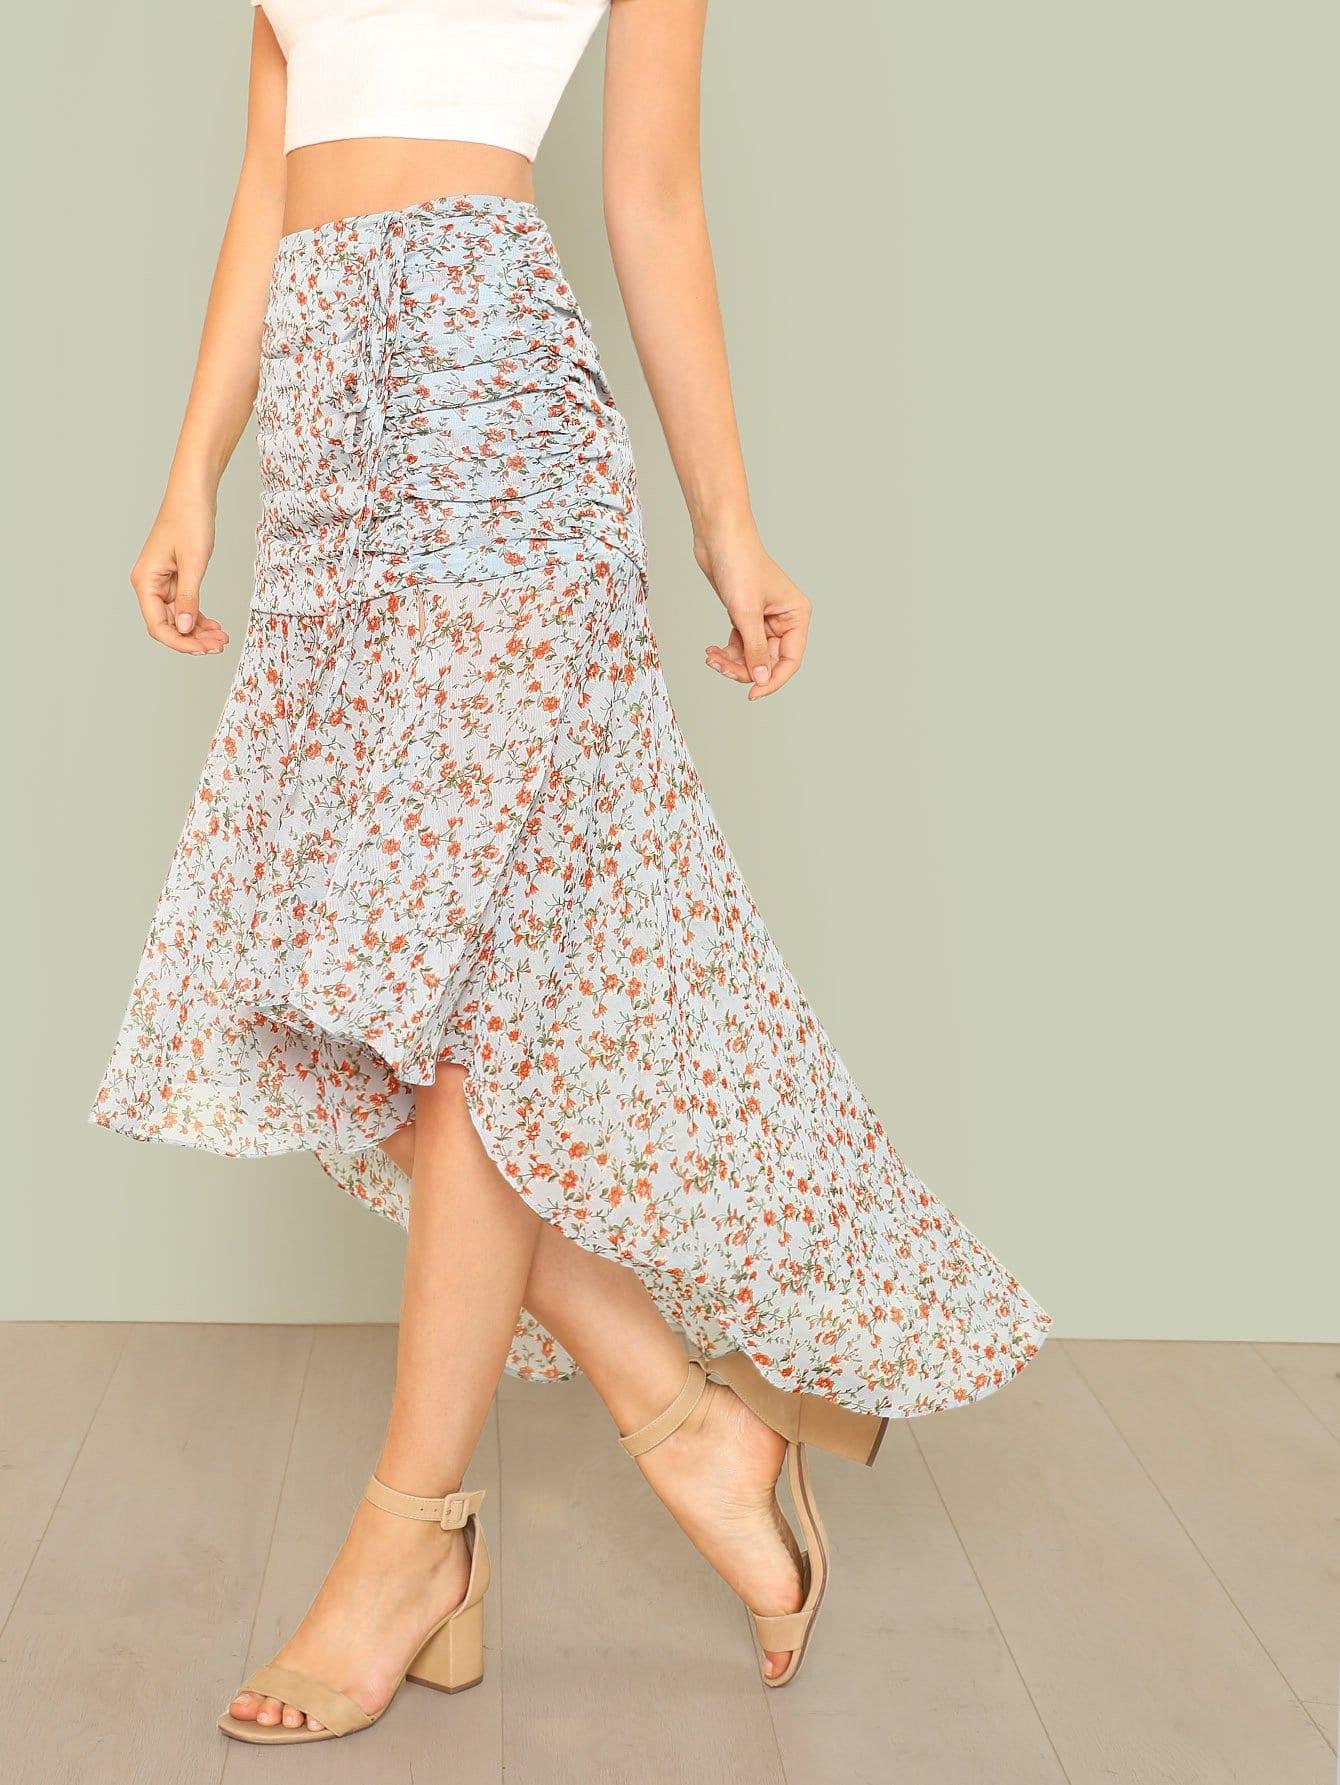 Ruched Calico Print Dip Hem Skirt calico print dip hem top